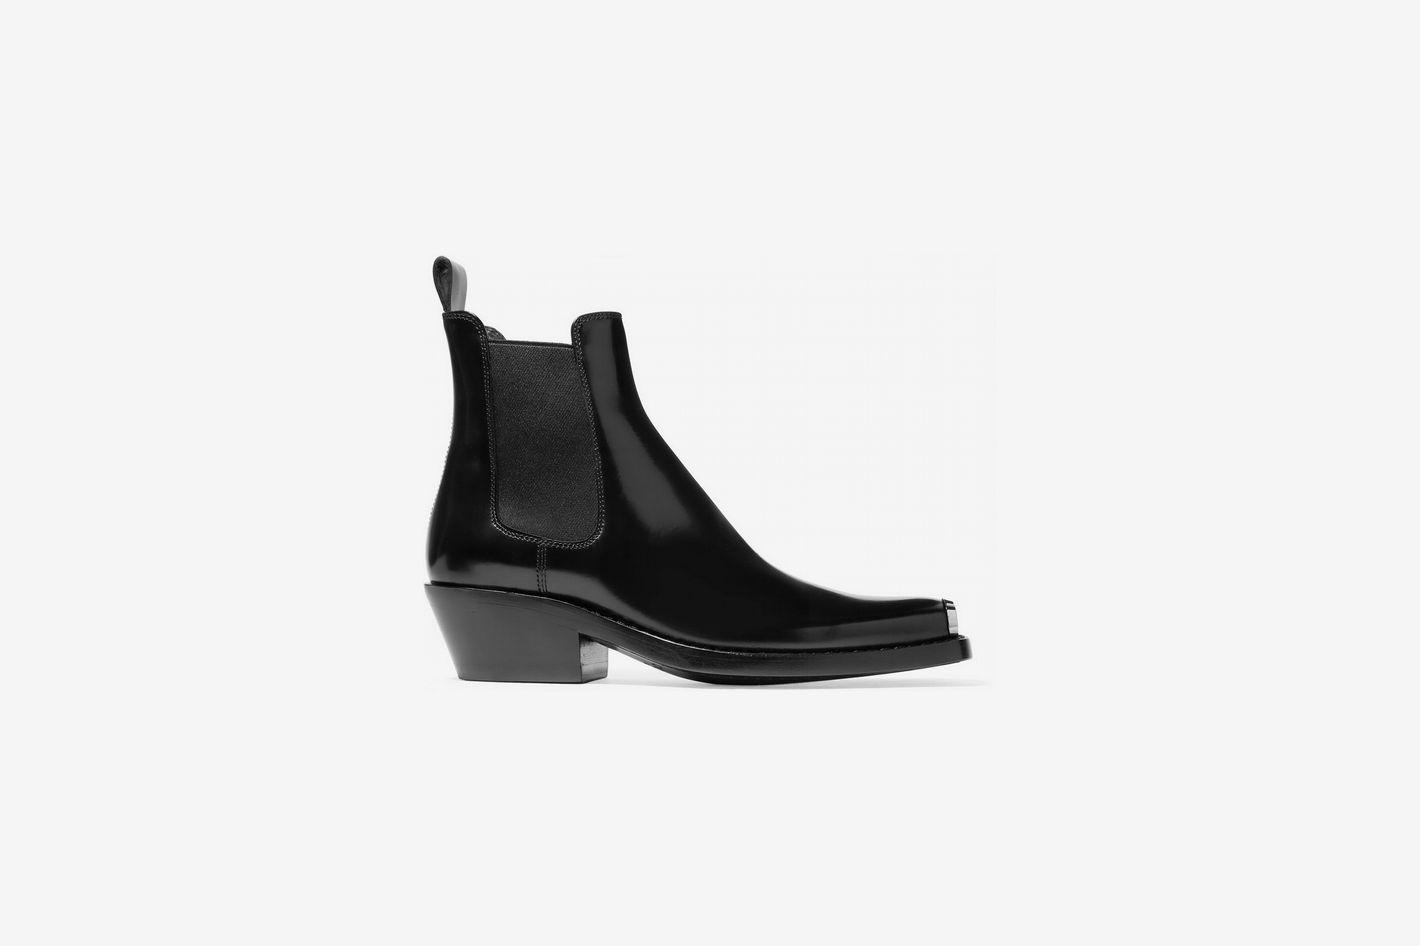 e3d8f968af68 Calvin Klein Claire Ankle Boots